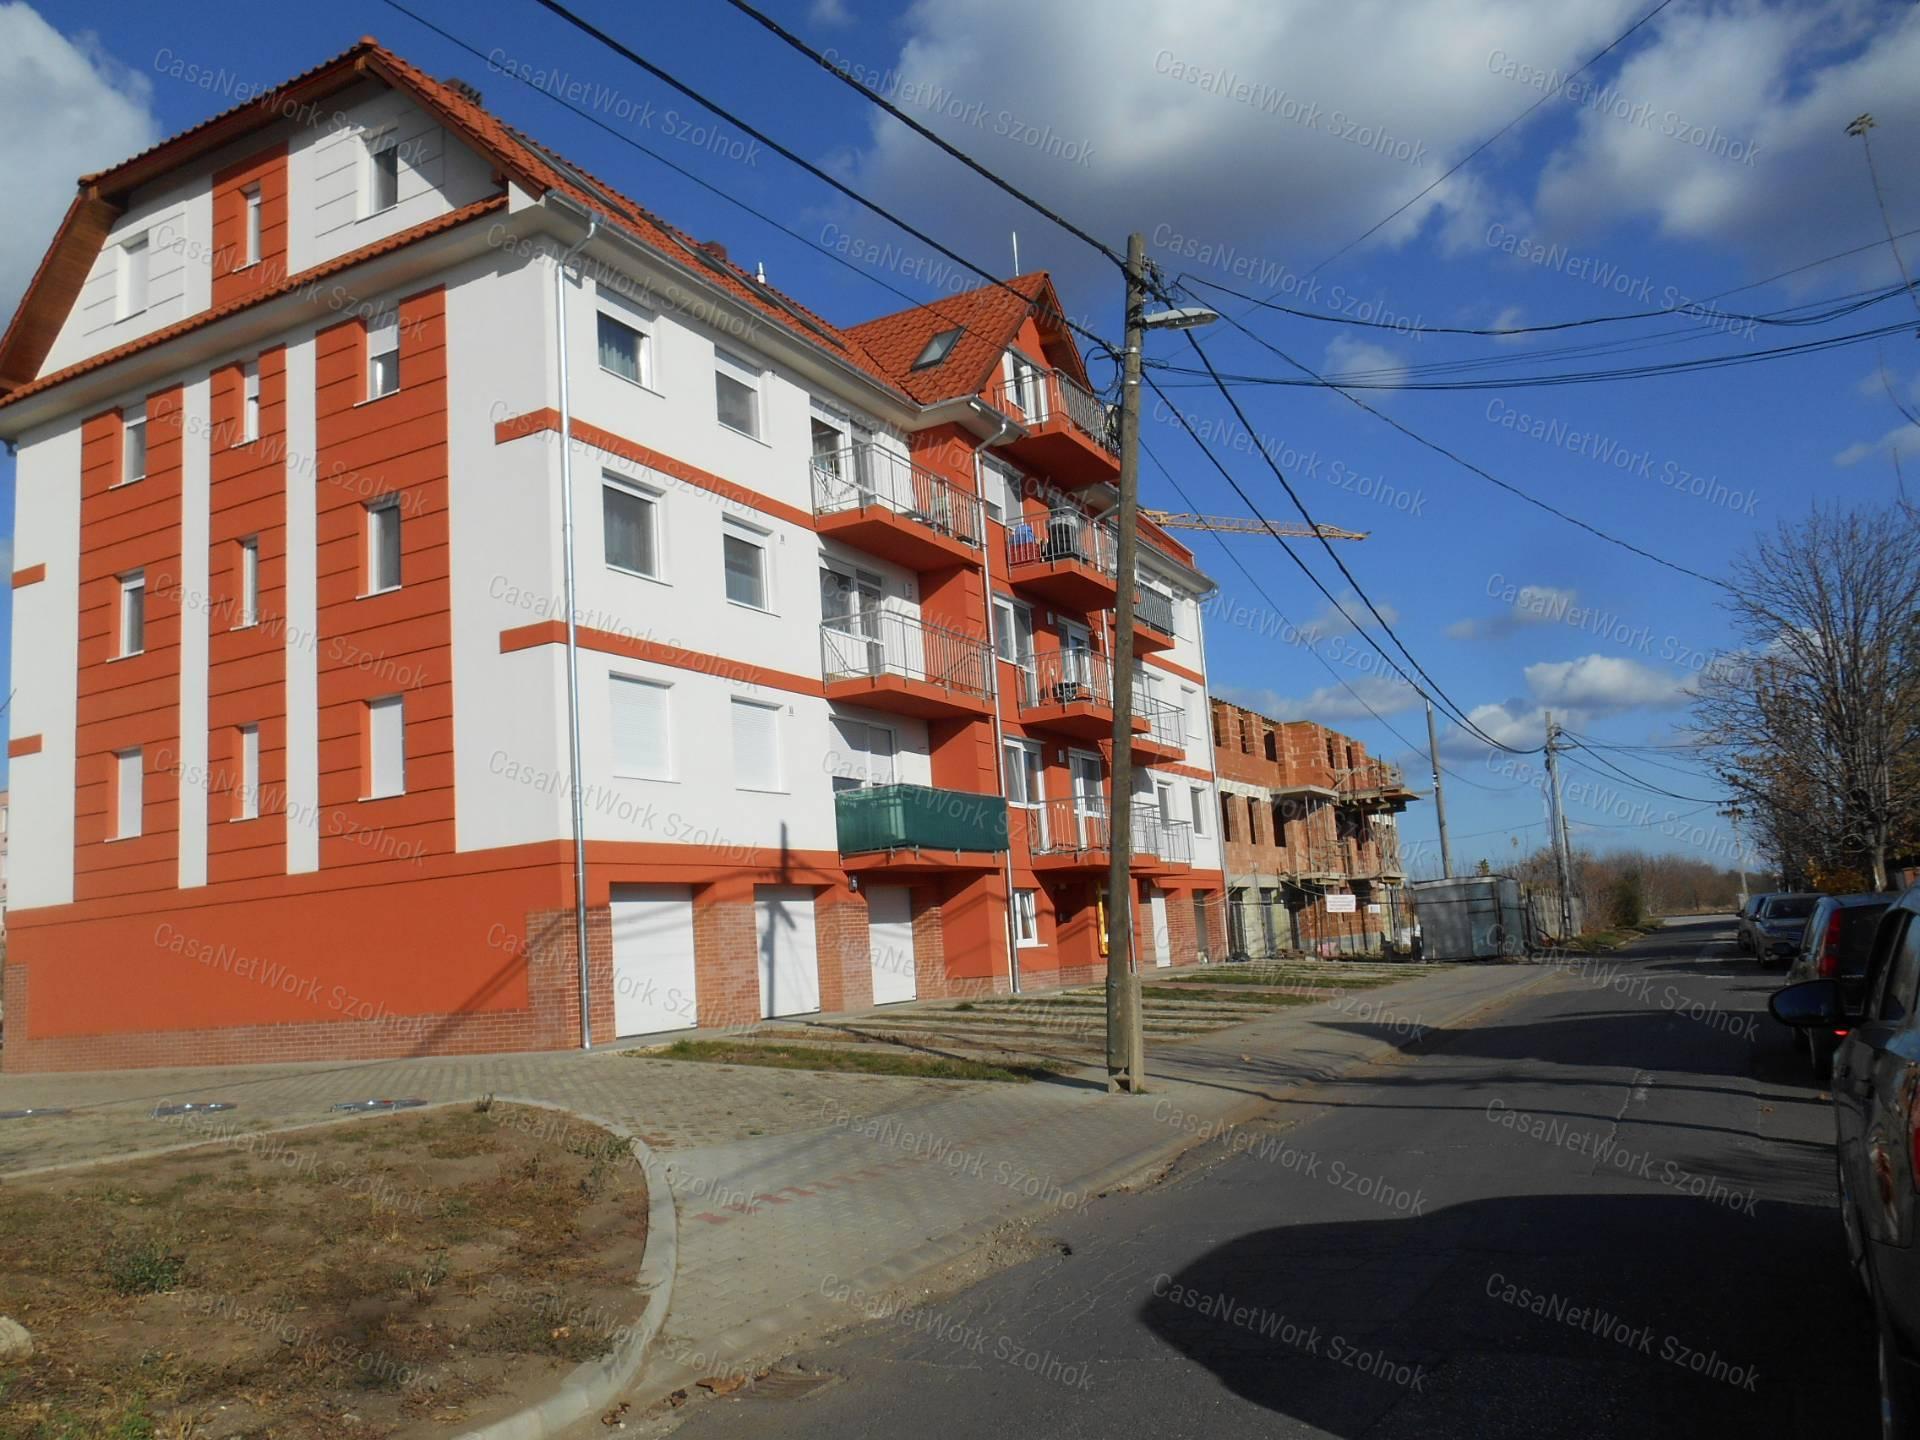 Eladó téglalakás, Jász-Nagykun-Szolnok megye, Szolnok (Tallinn) - sz.: 155802481 - CasaNetWork.hu